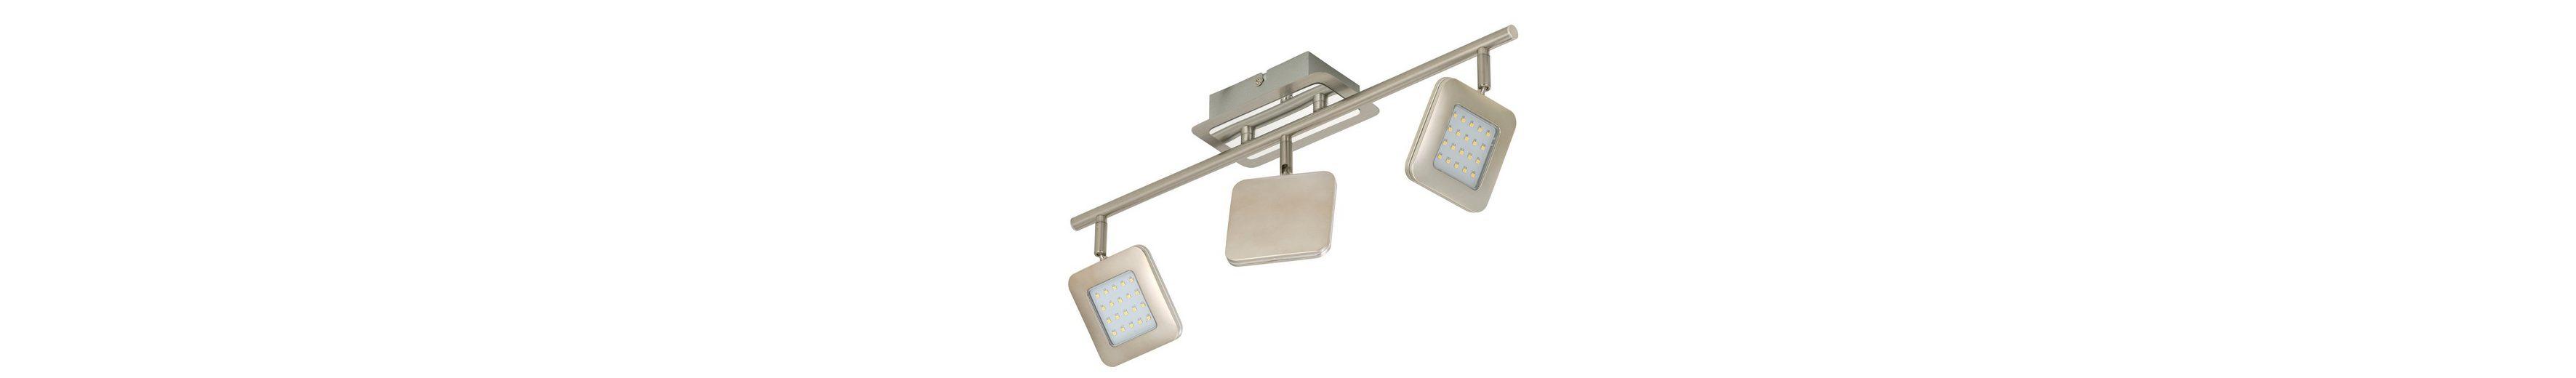 LED Deckenleuchte »Bassa«, 4,5W